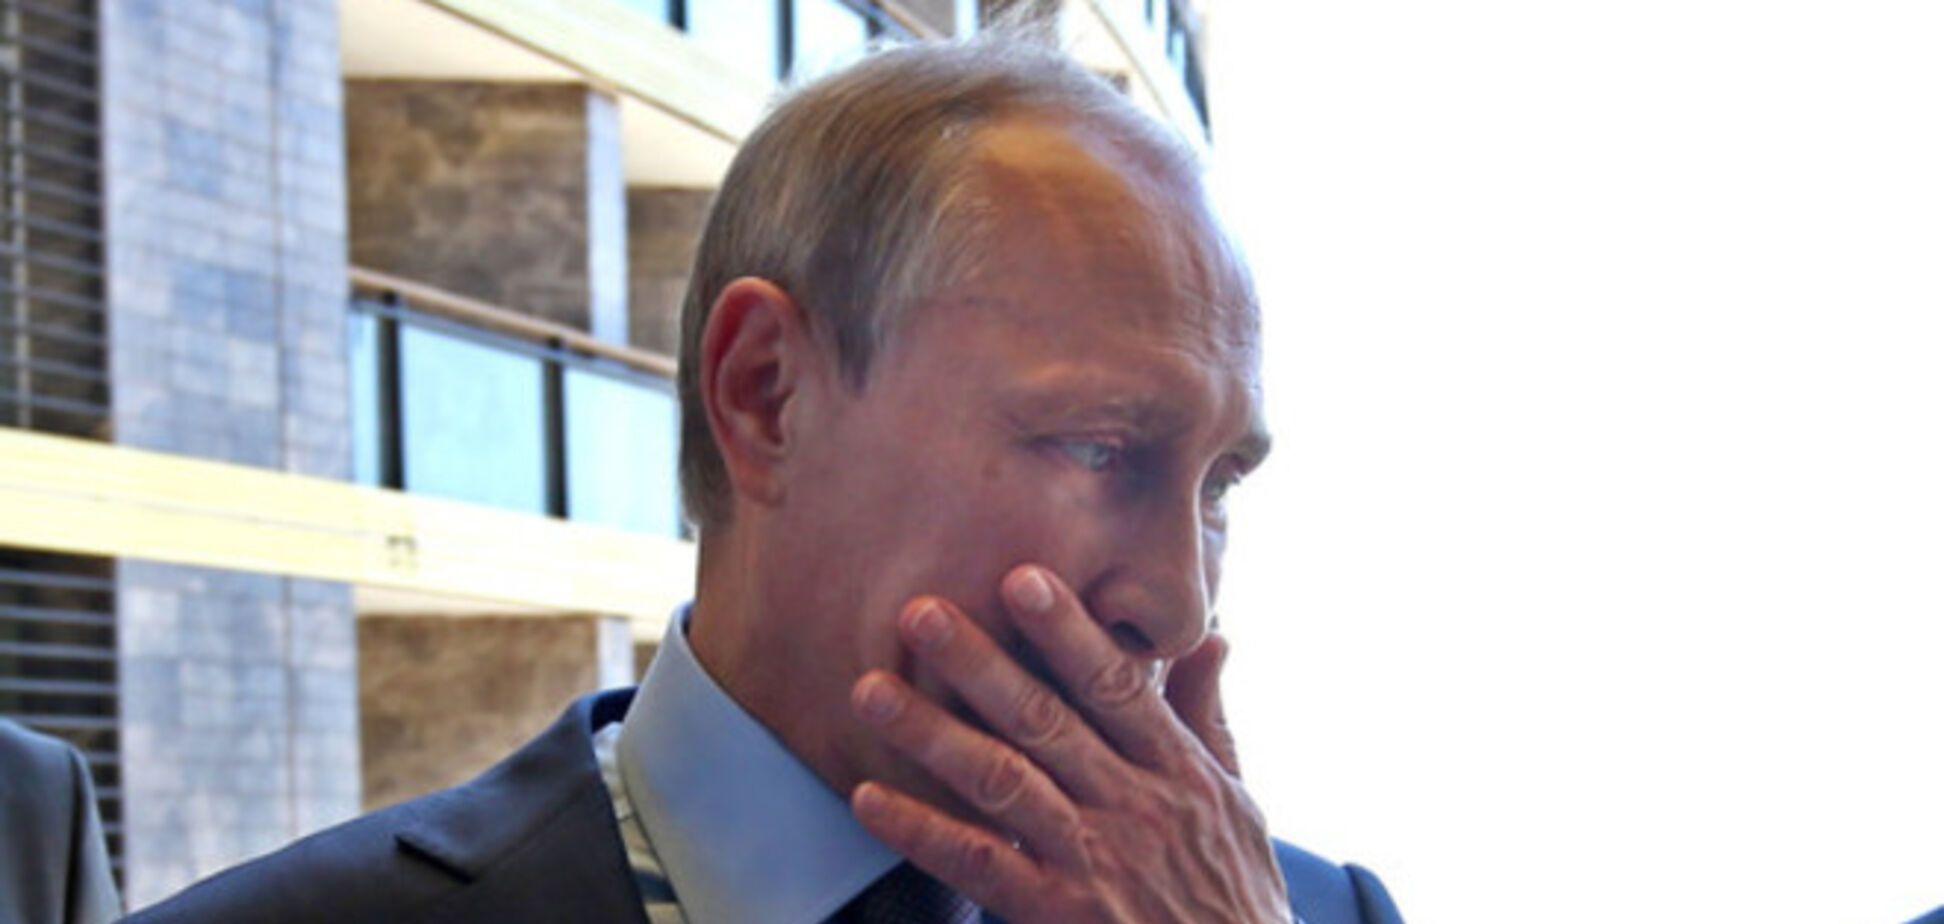 Польский дипломат о конфликте в Украине: Путин выигрывает битву, но проигрывает войну